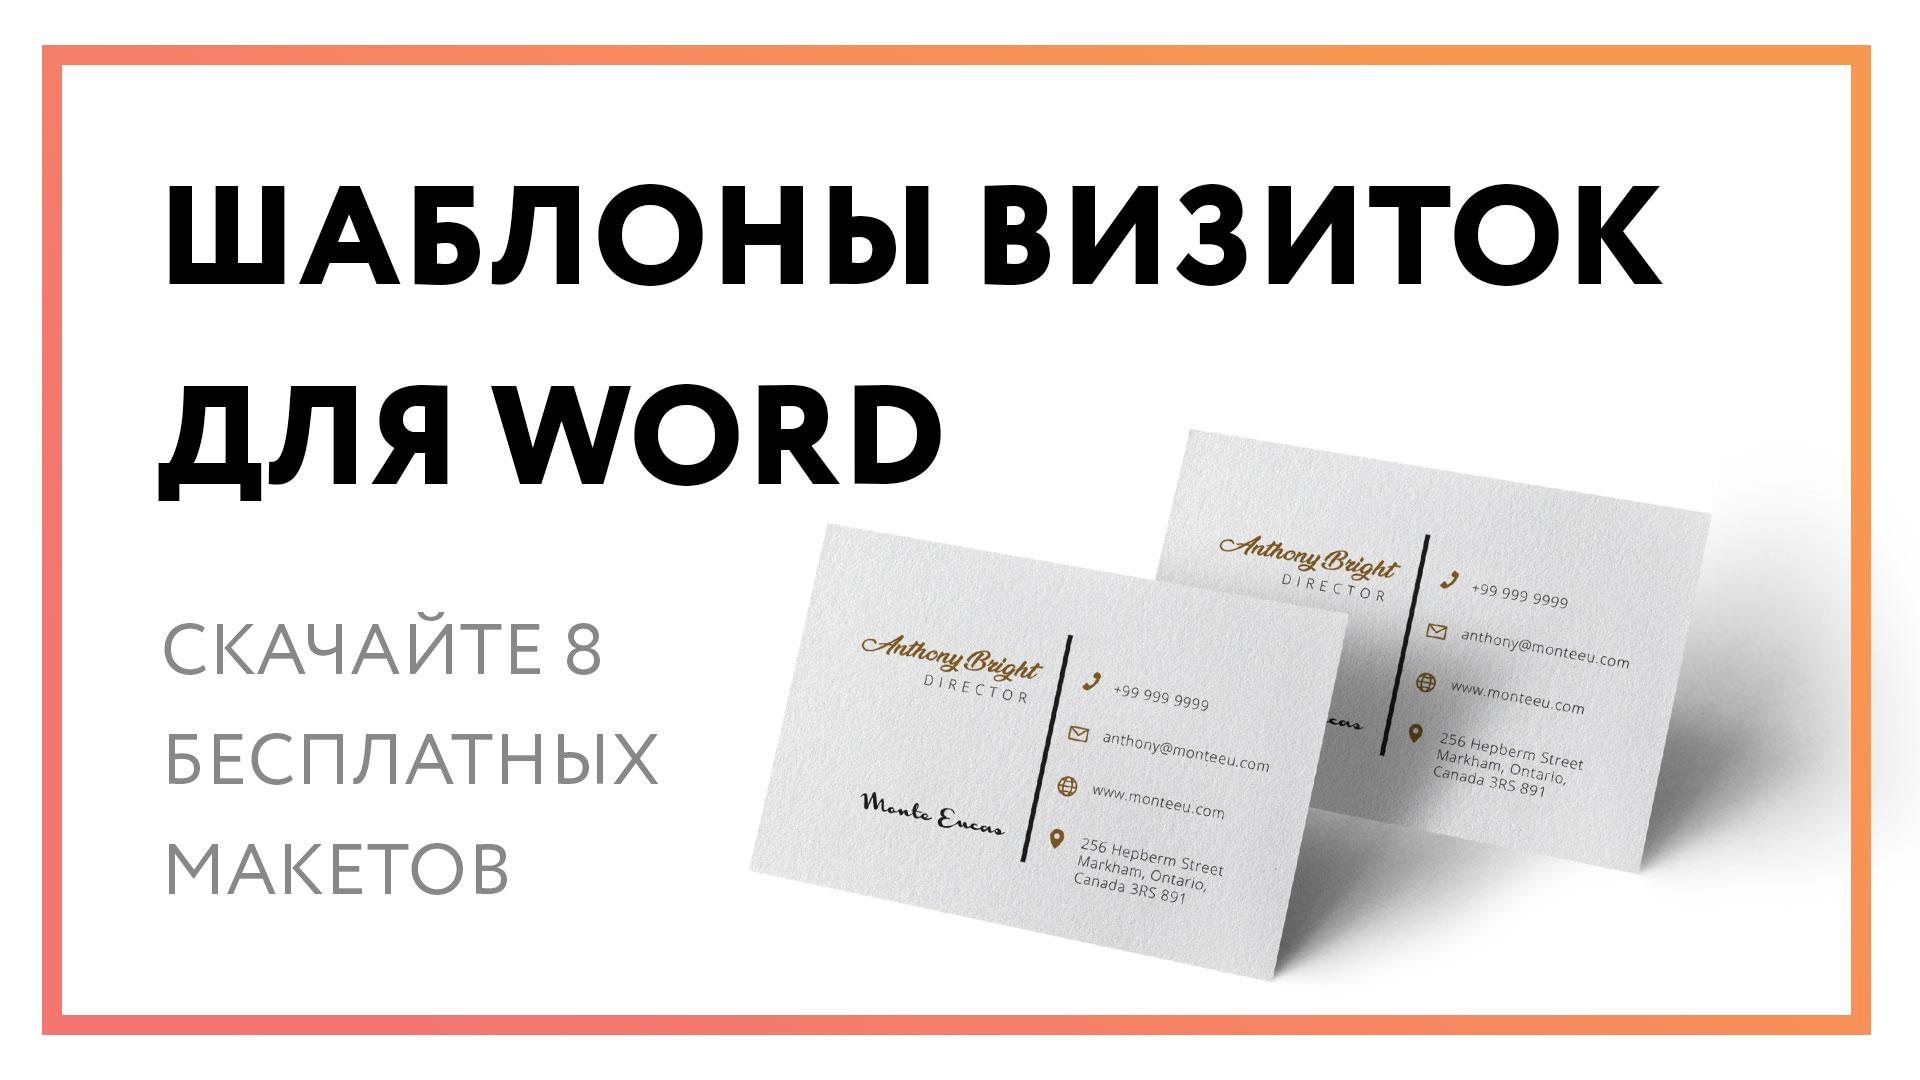 8-бесплатных-шаблонов-визиток-для-Microsoft-Word-_-Скачать.jpg